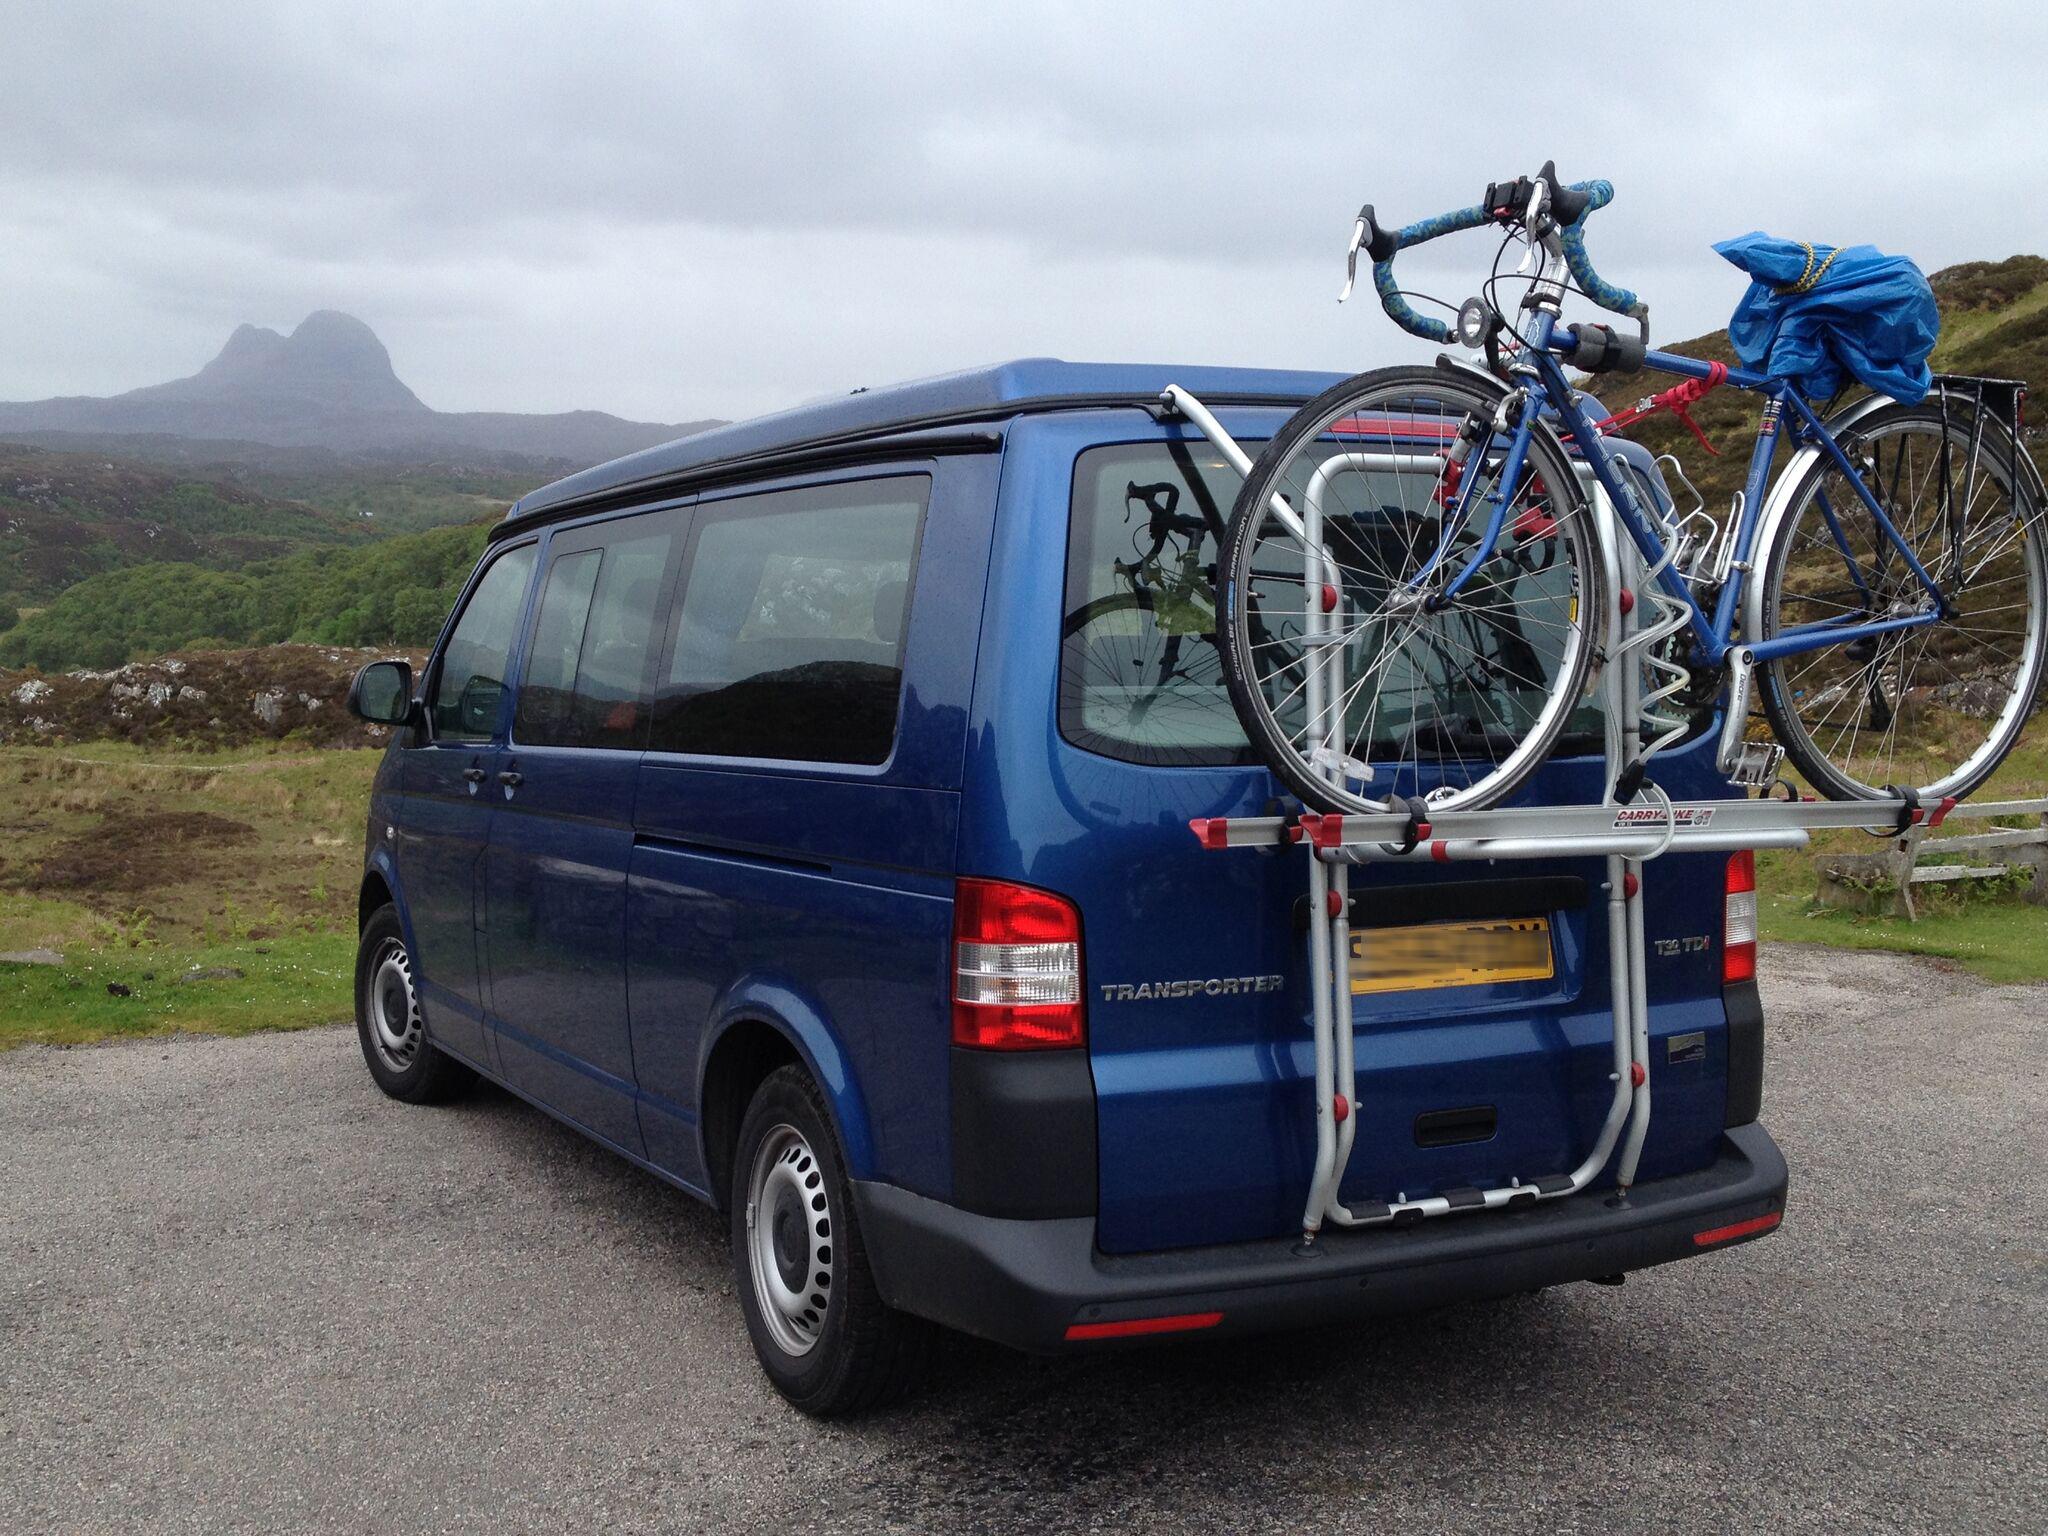 VW t5 campervan bike rack